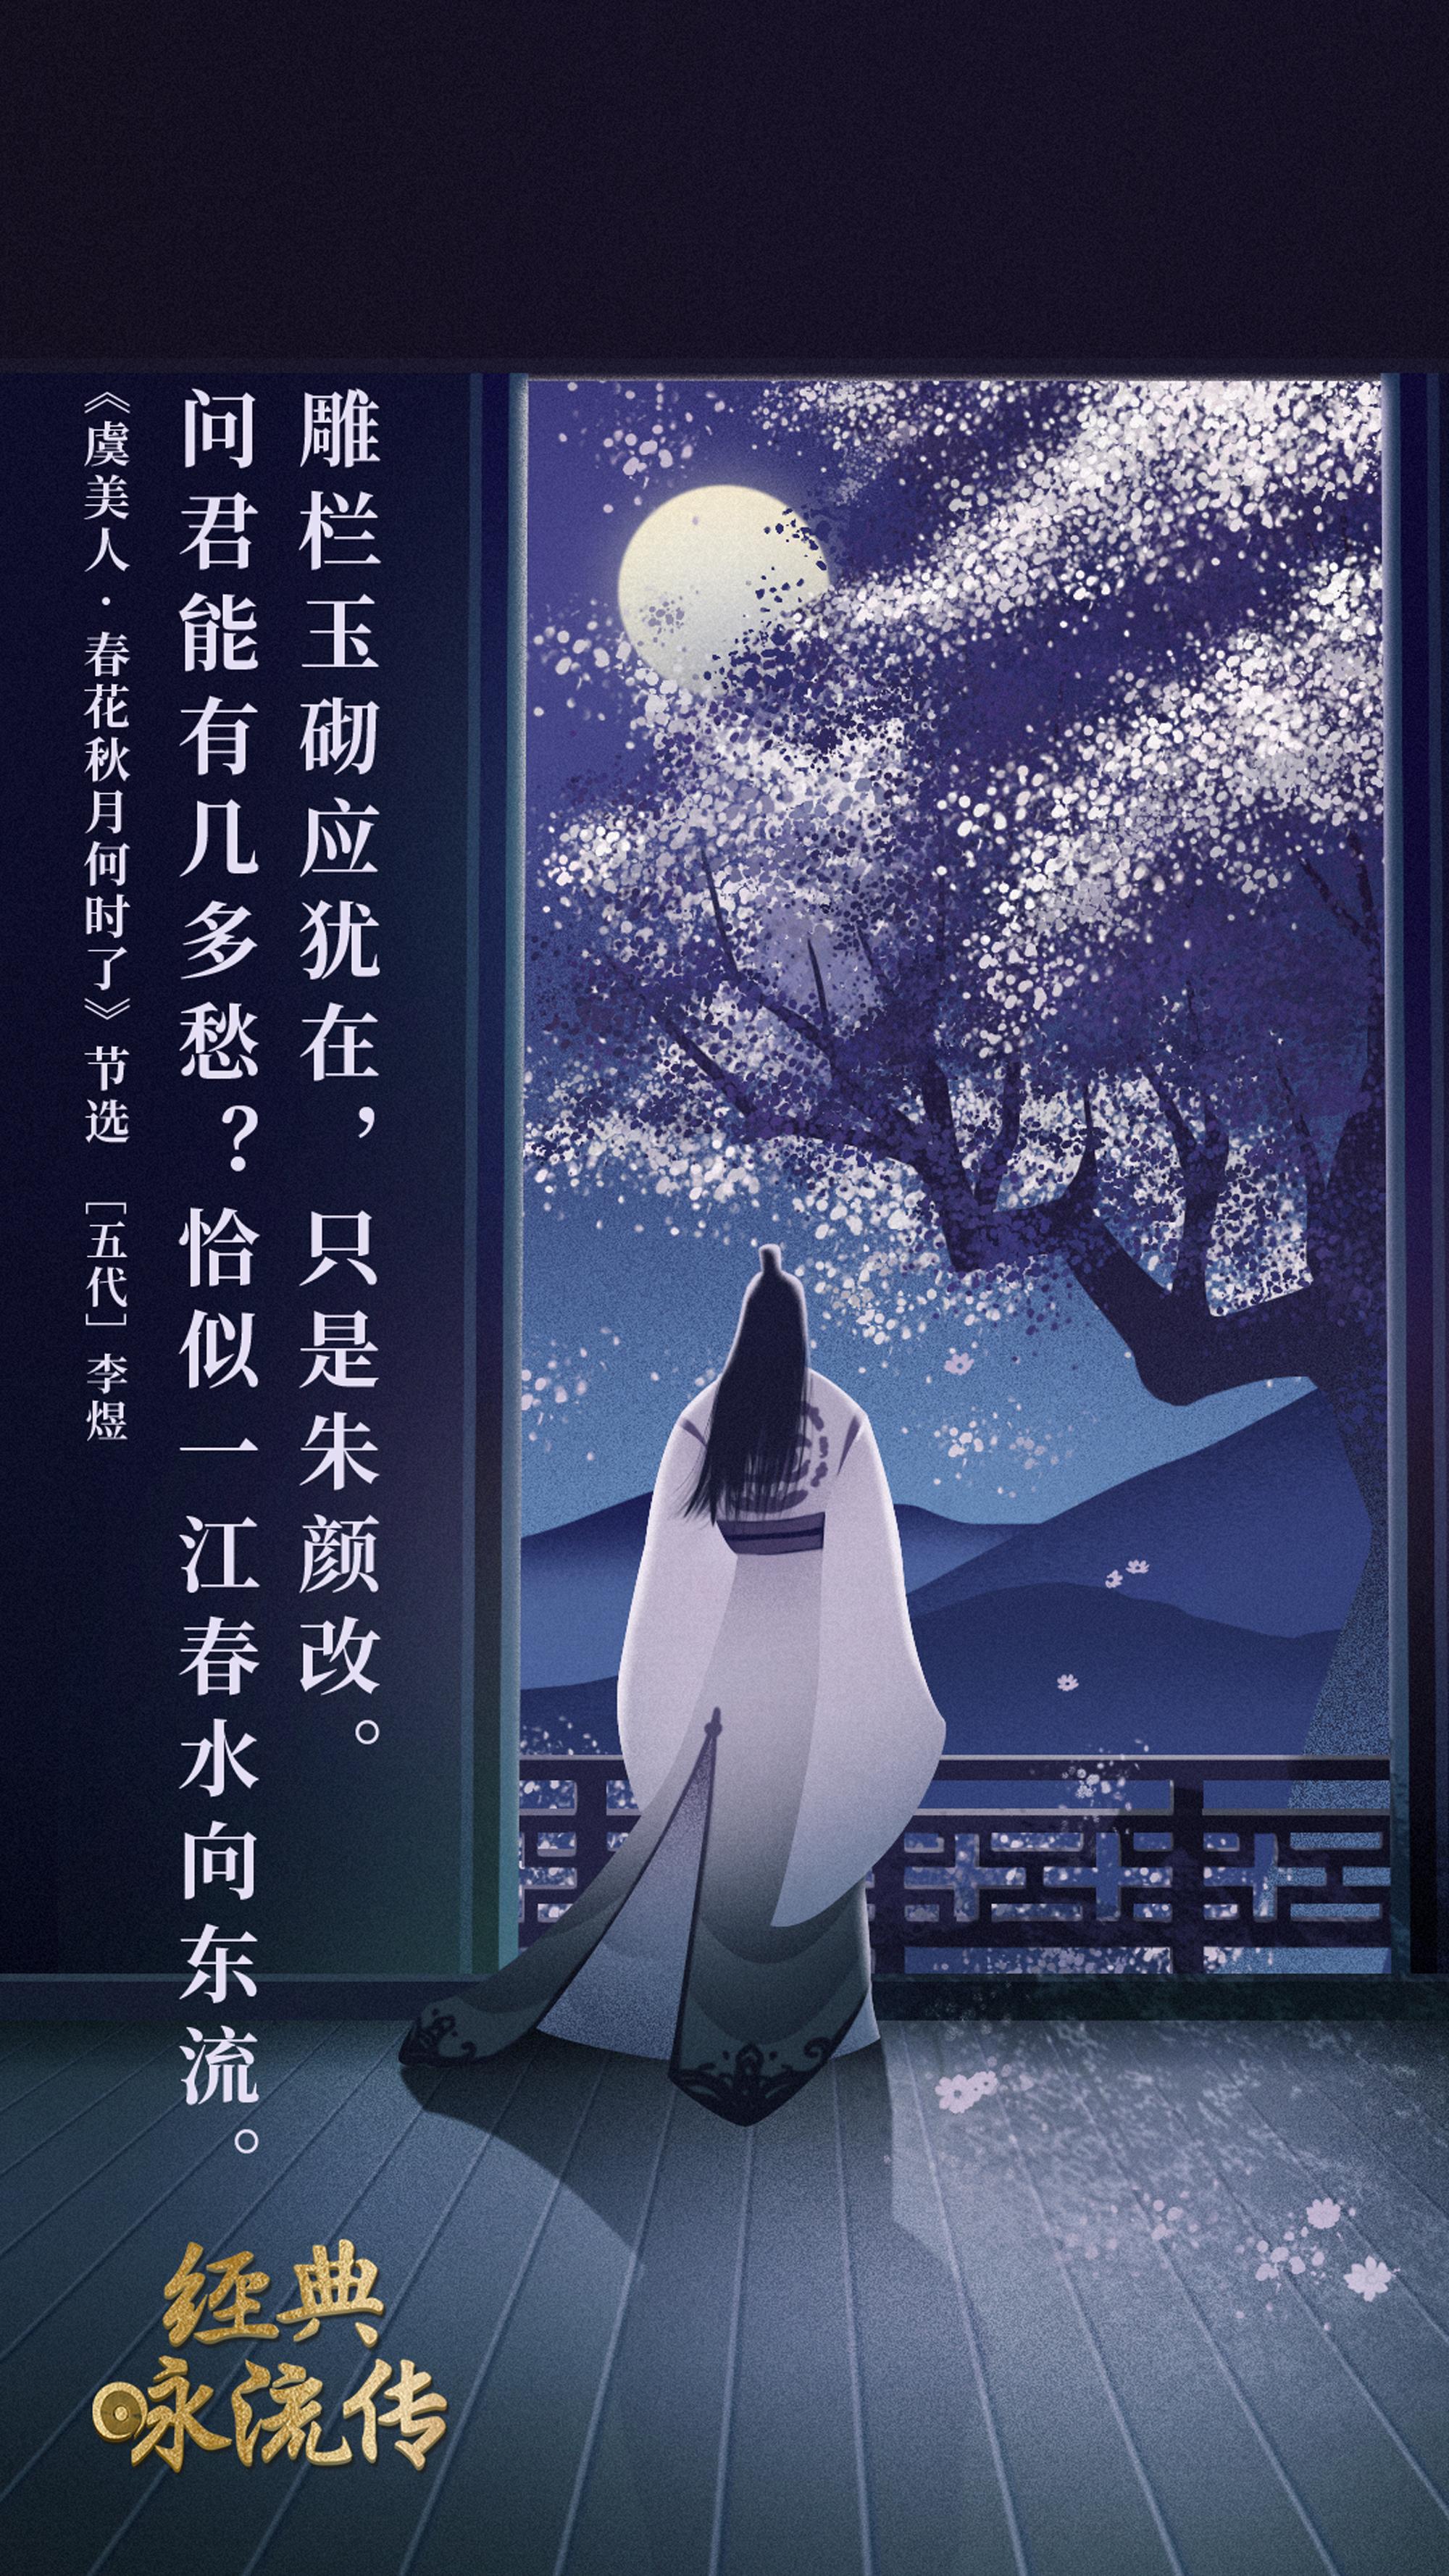 《经典咏流传》诗词意境海报合集 欣赏-第53张